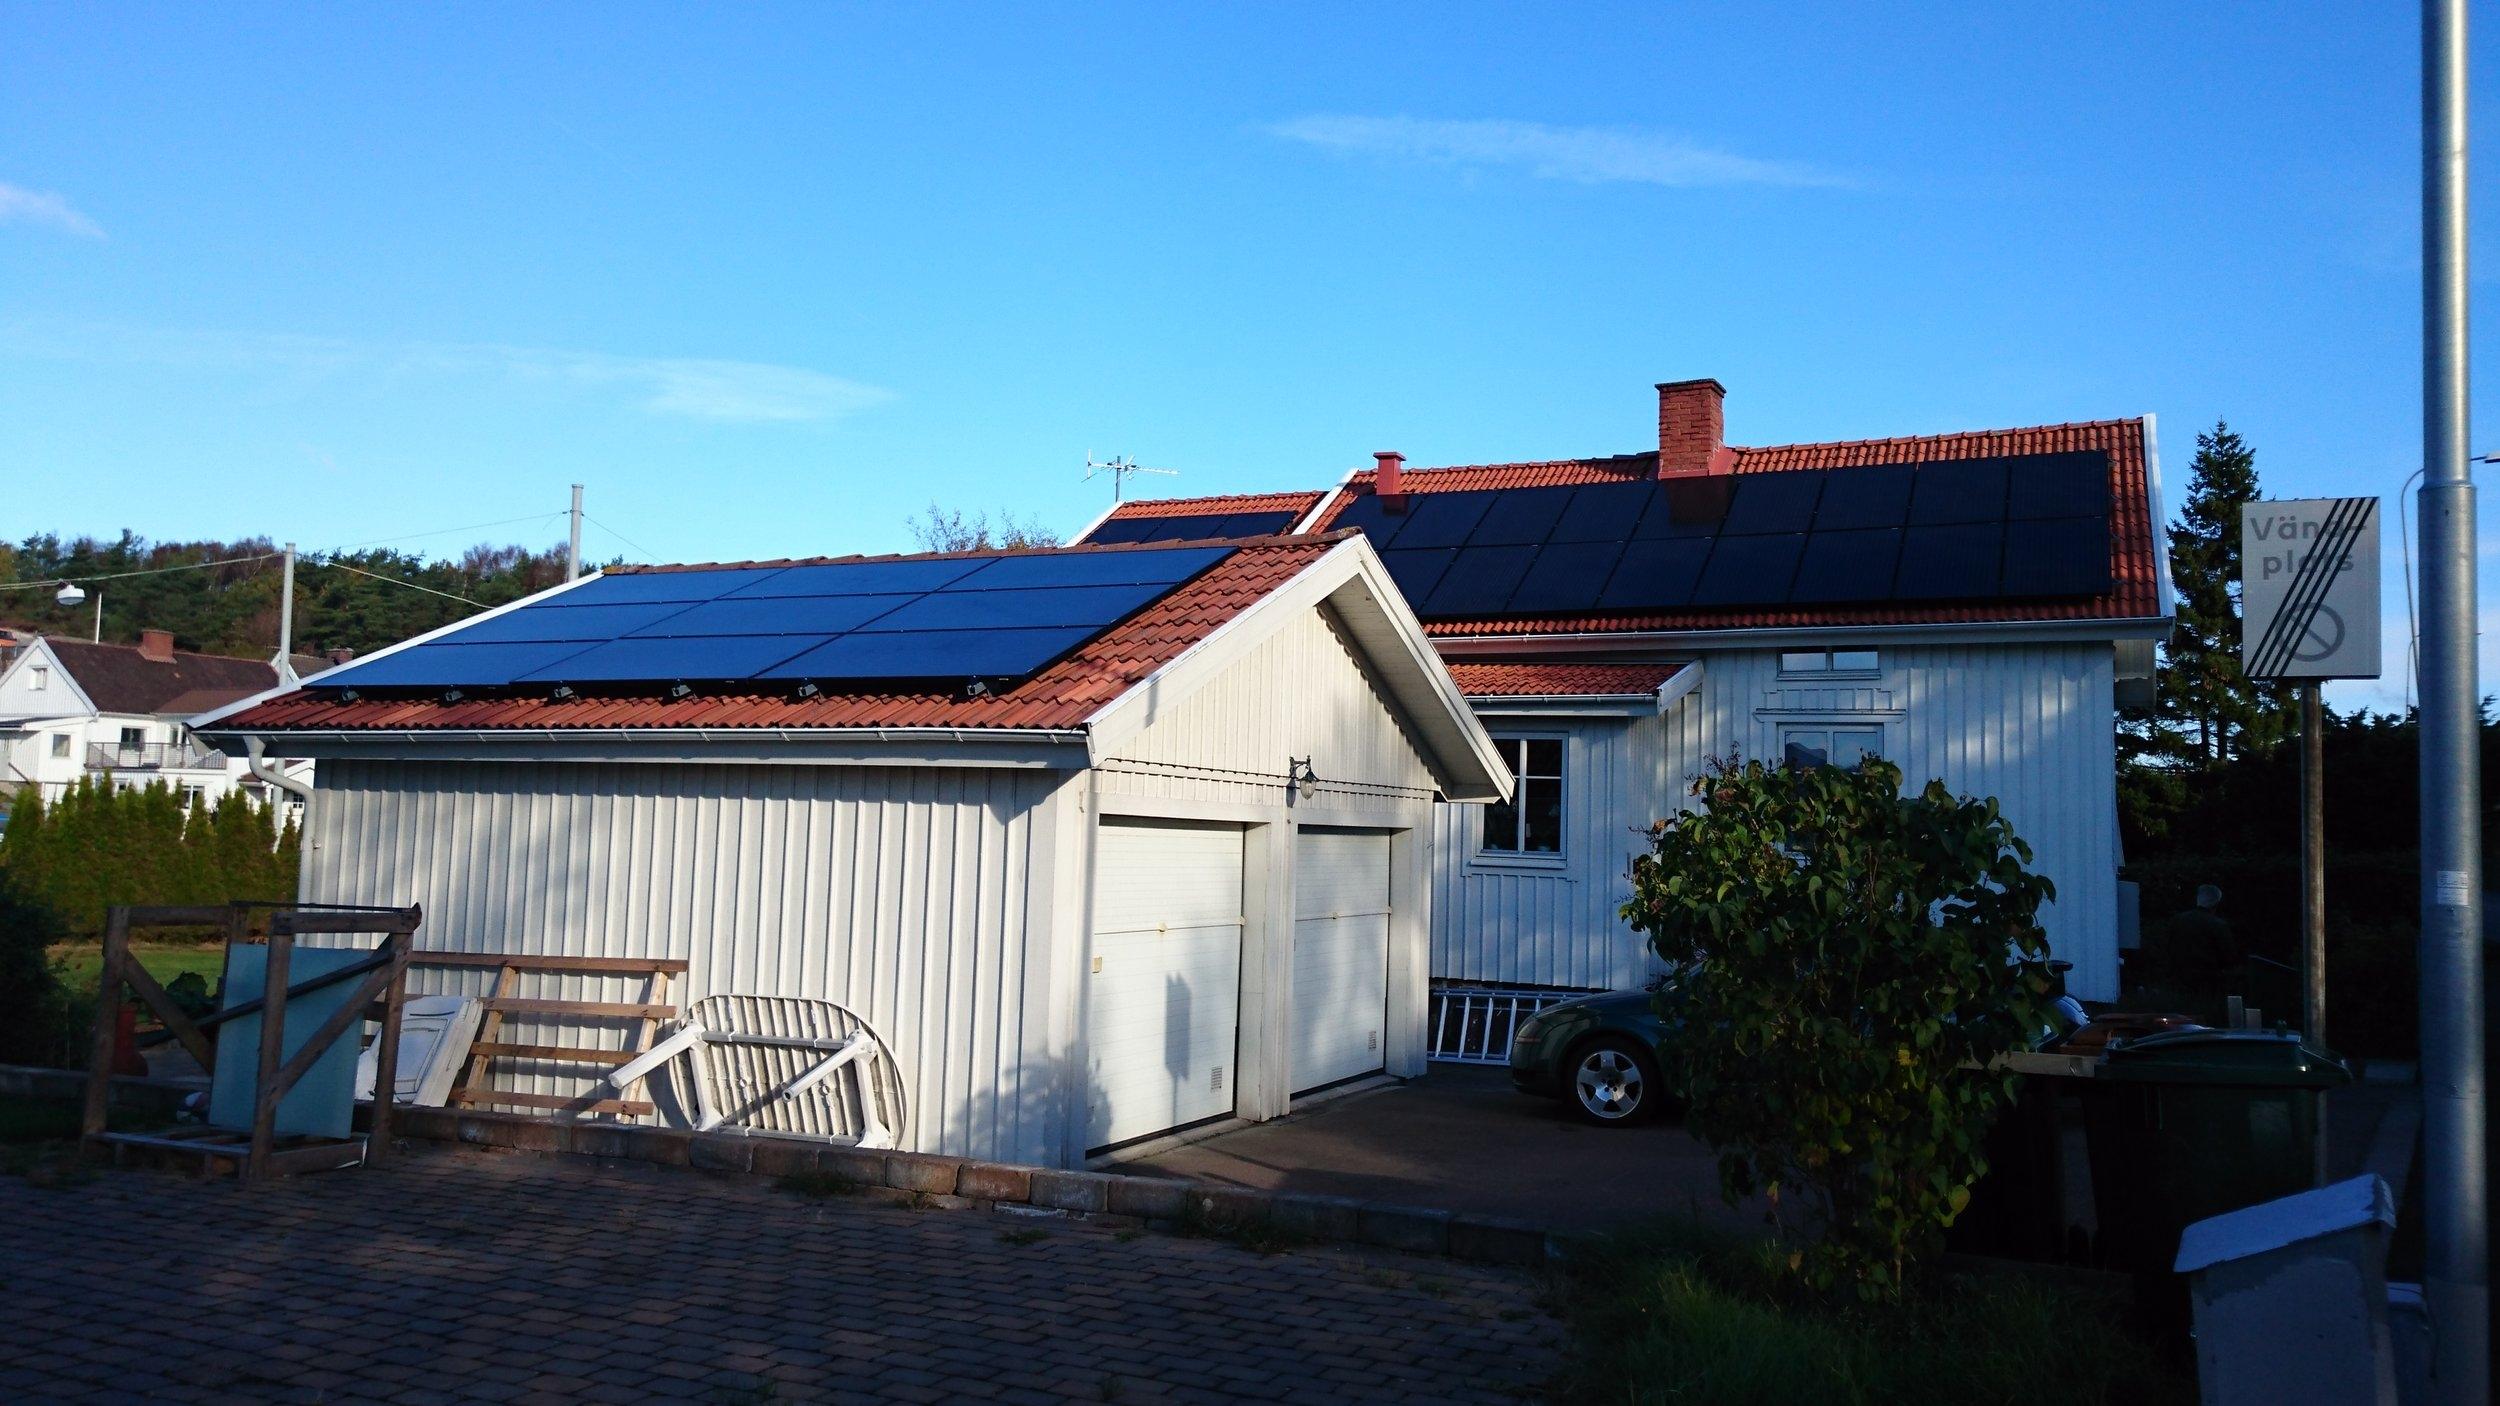 Huvudbyggnad och garage, 30 st 325W EC Solar svarta  Investering 178 000 kr, återbetalningstid 10 år  Energiproduktion 10 700 kWh/år